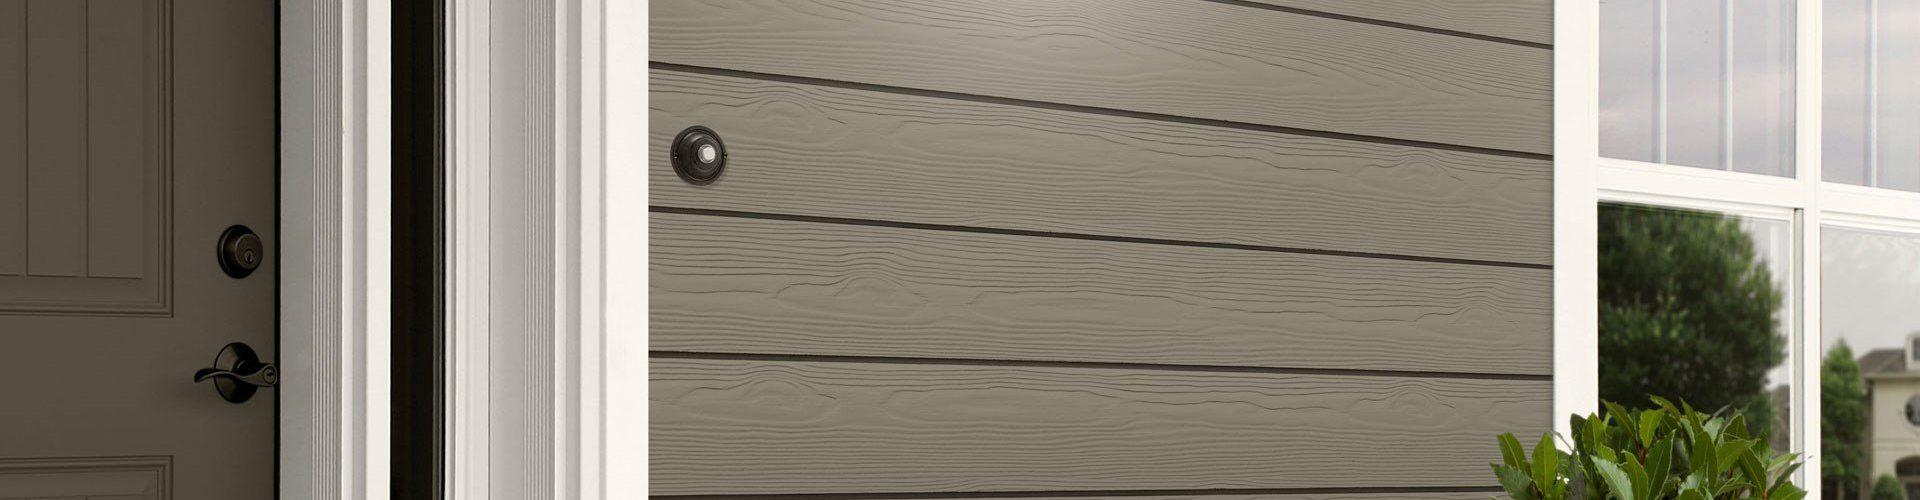 Cedral Click C58 Sügisene mets - kiudtsement voodrilaud - puitu immiteeriv